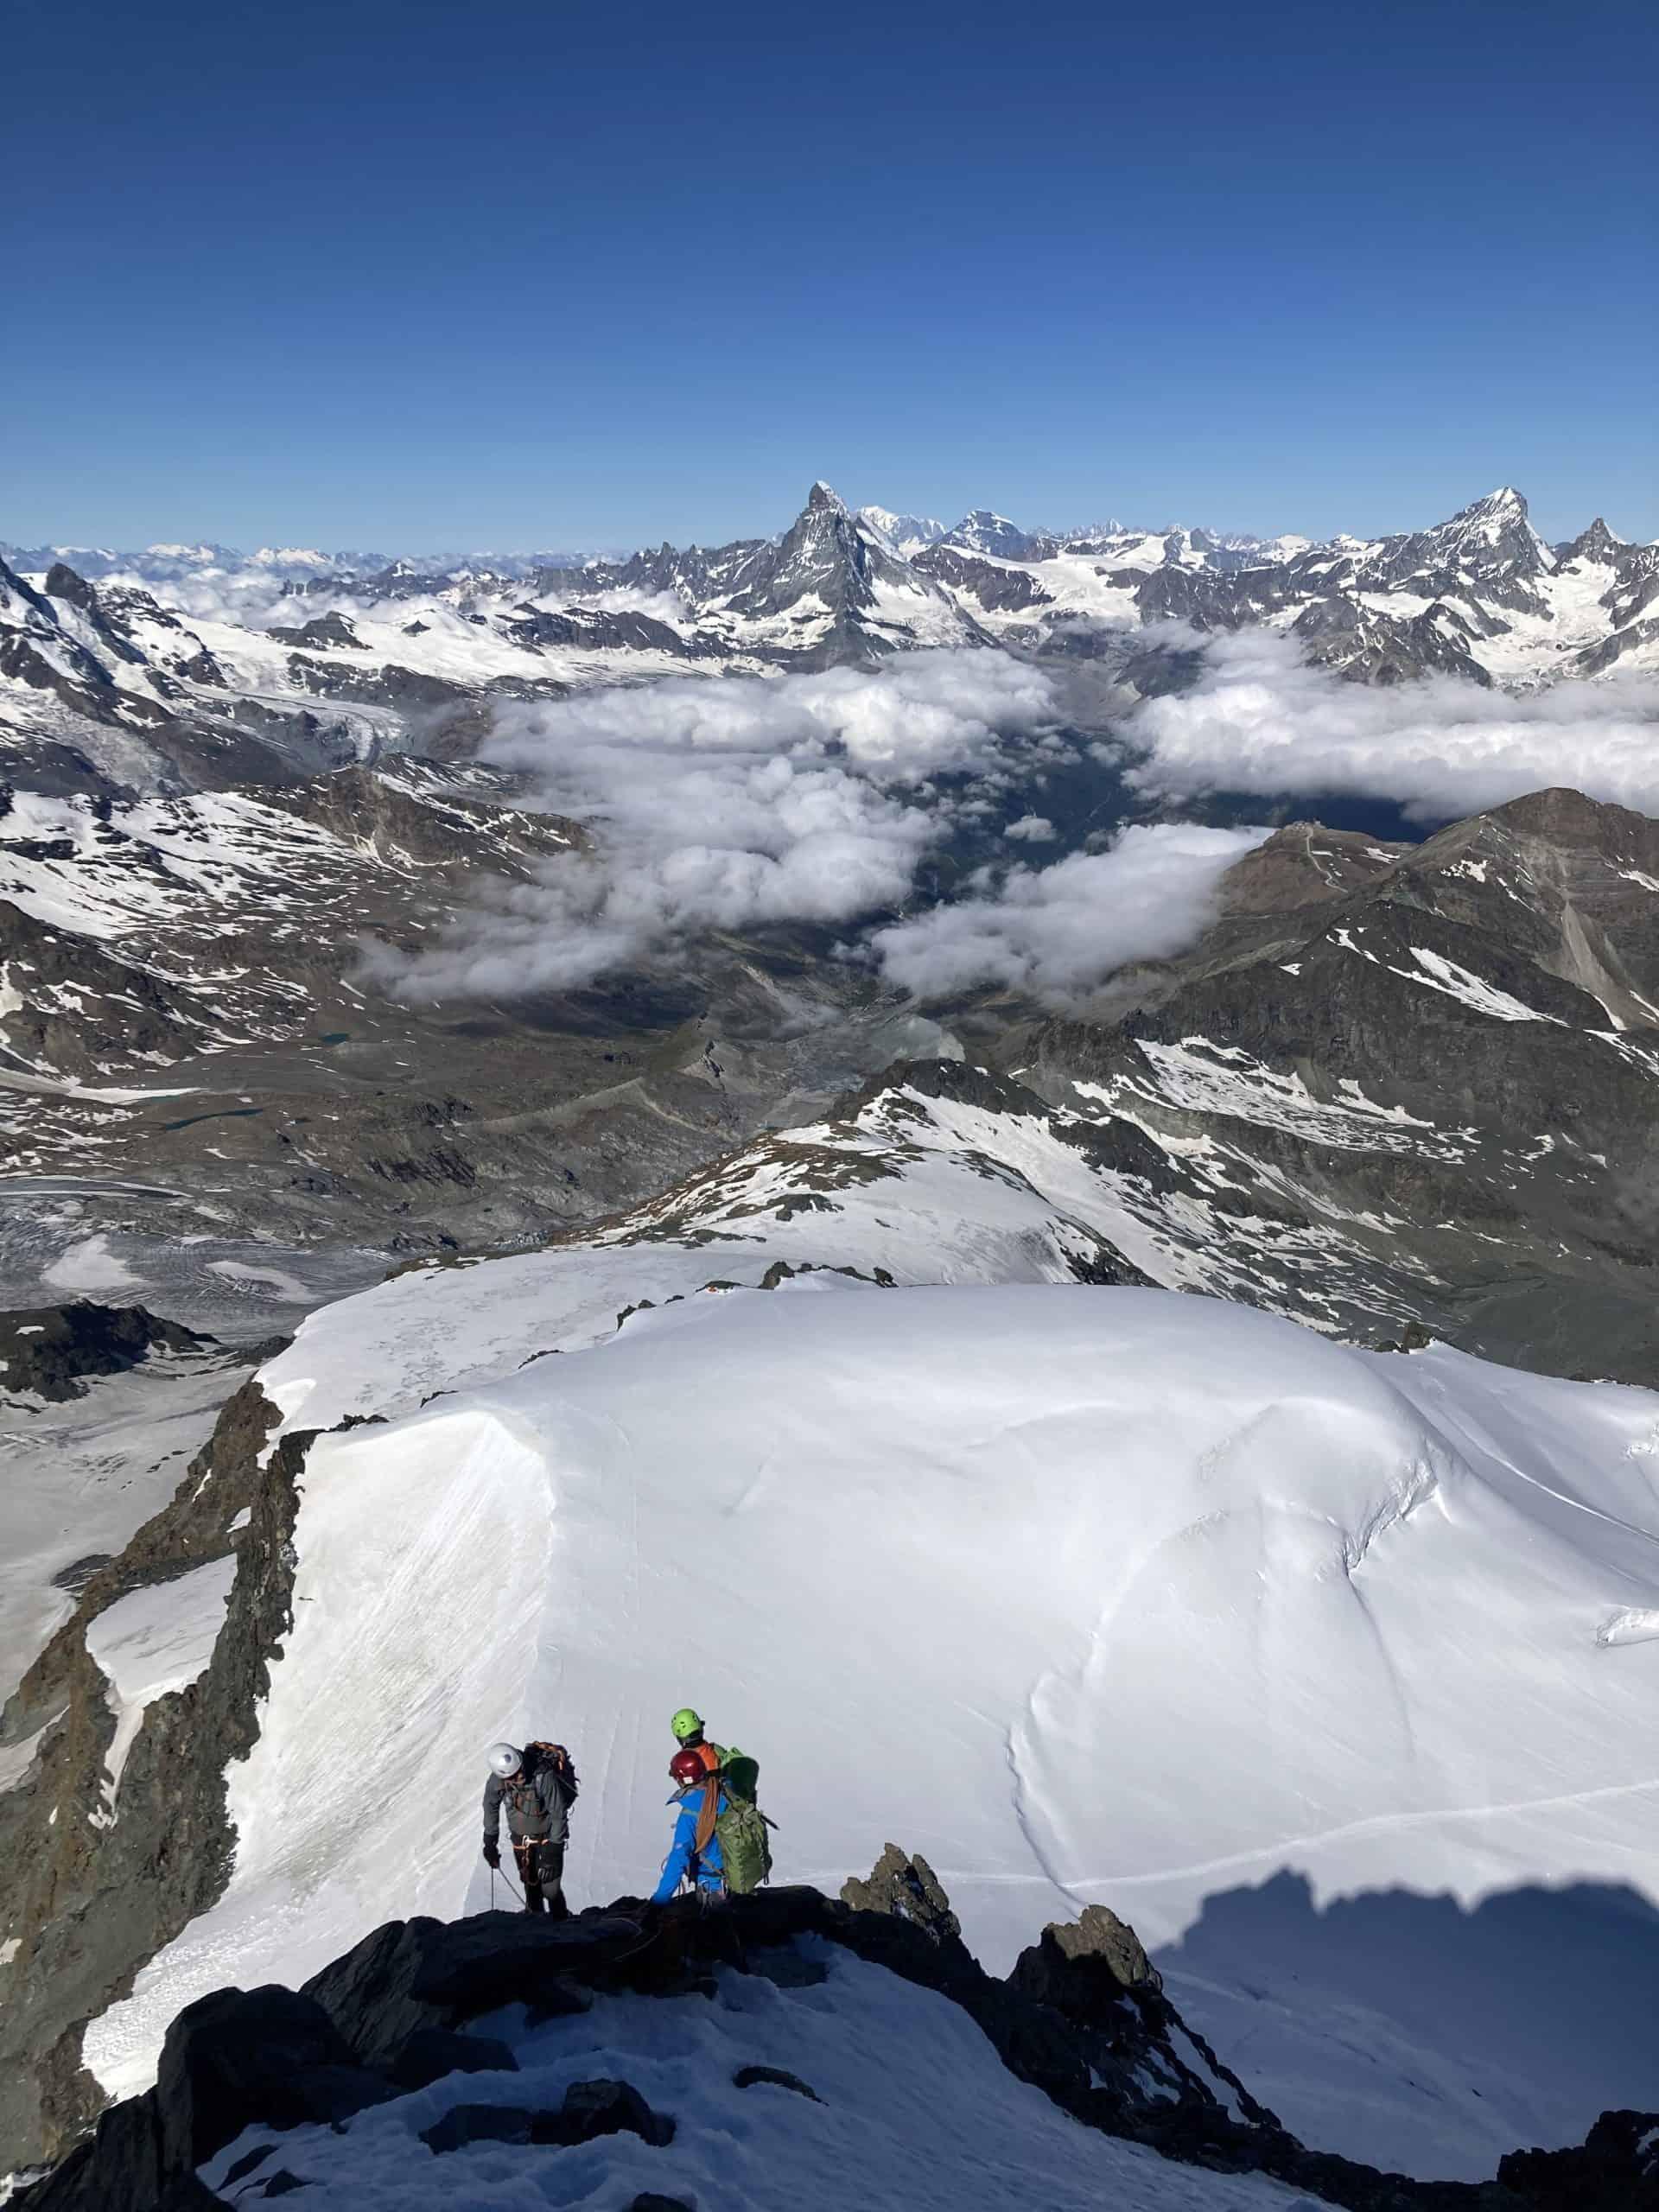 IMG 5831 scaled - Bergsteigen im Wallis - das Bergsteigerparadies?